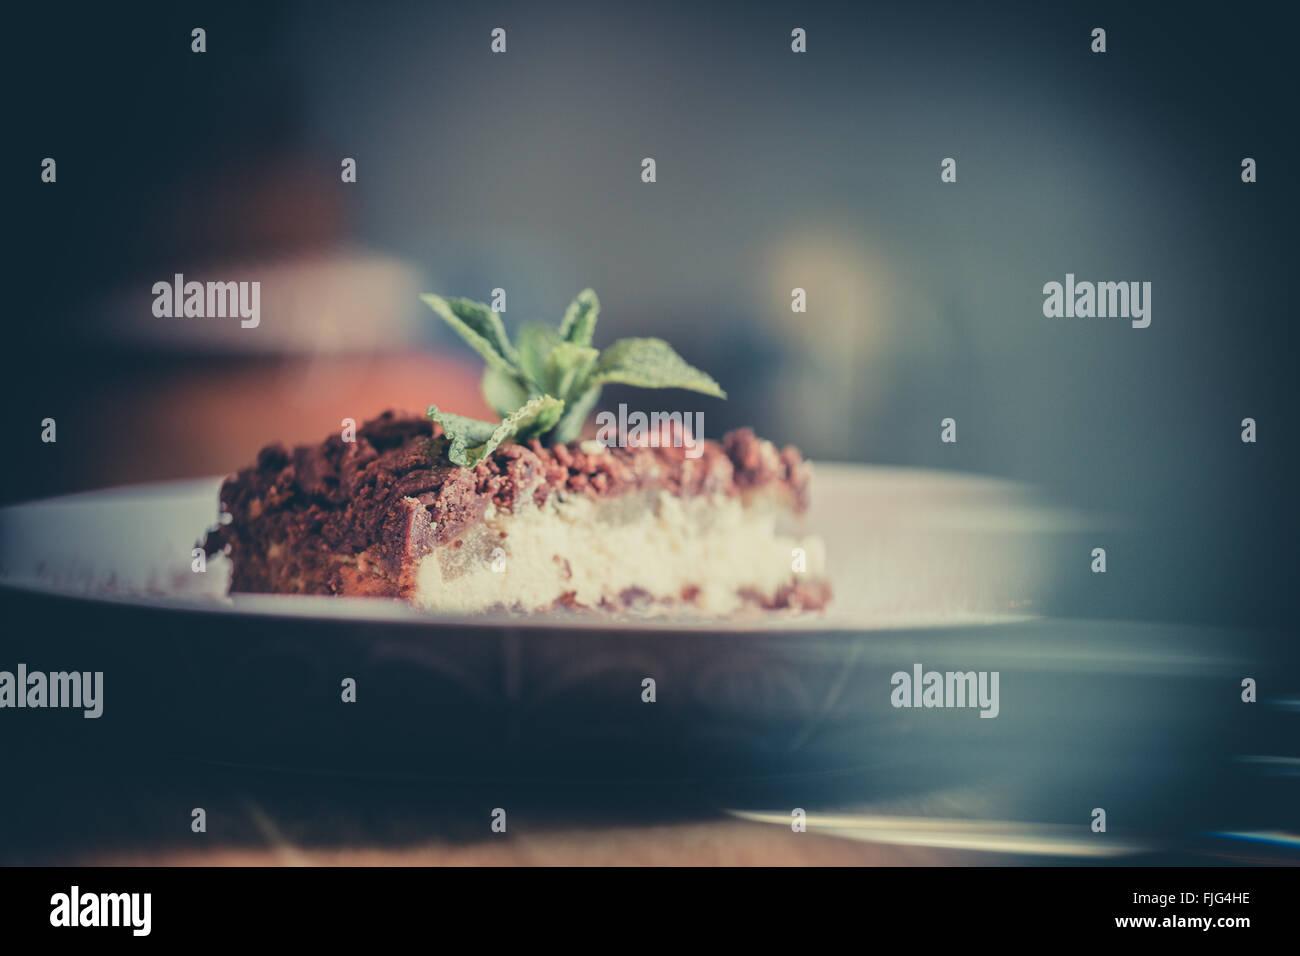 Food Cake cuocere la cheesecake dolce della piastra Immagini Stock